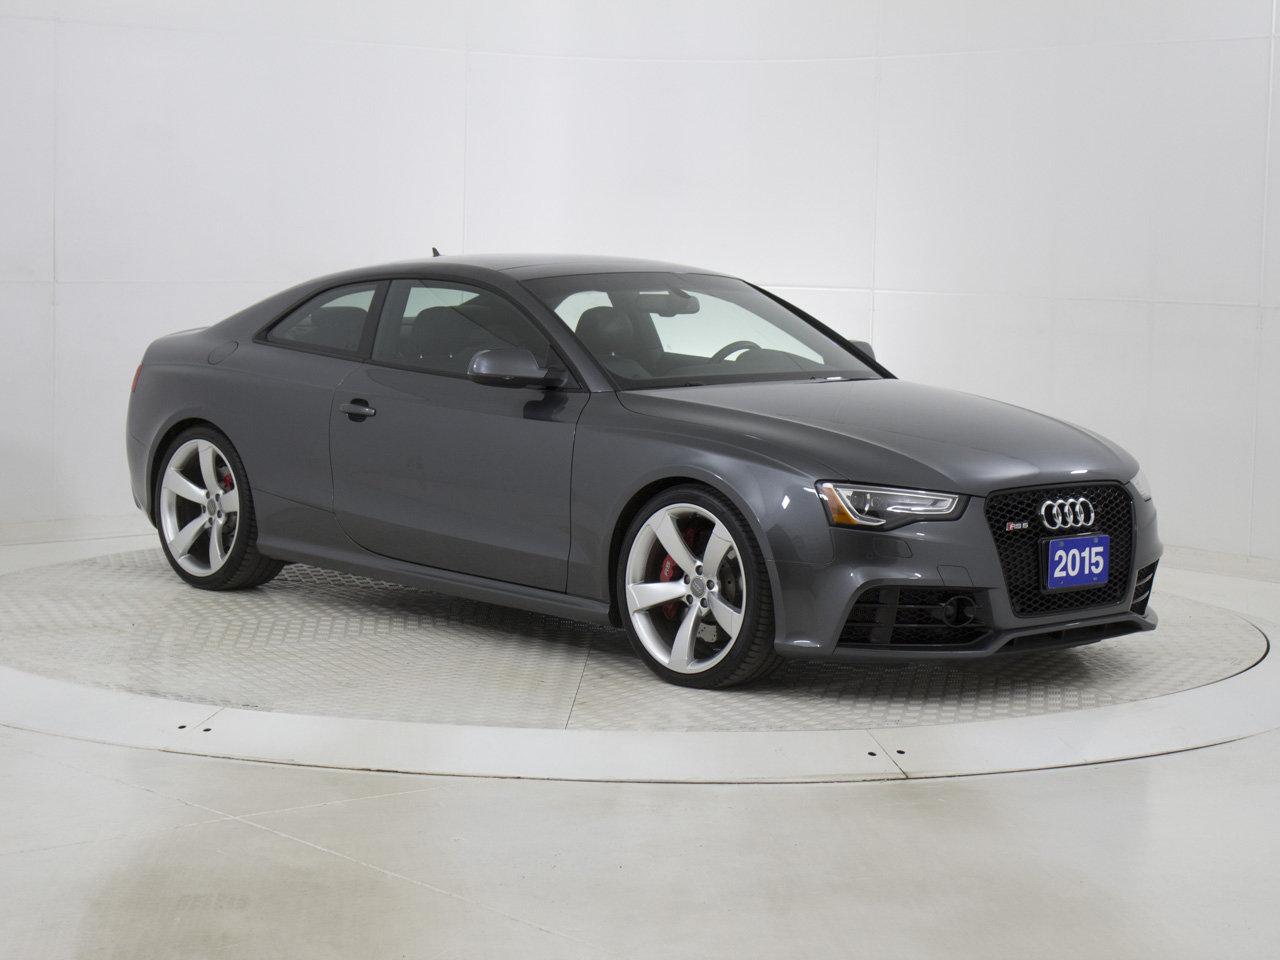 2015 Audi RS 5